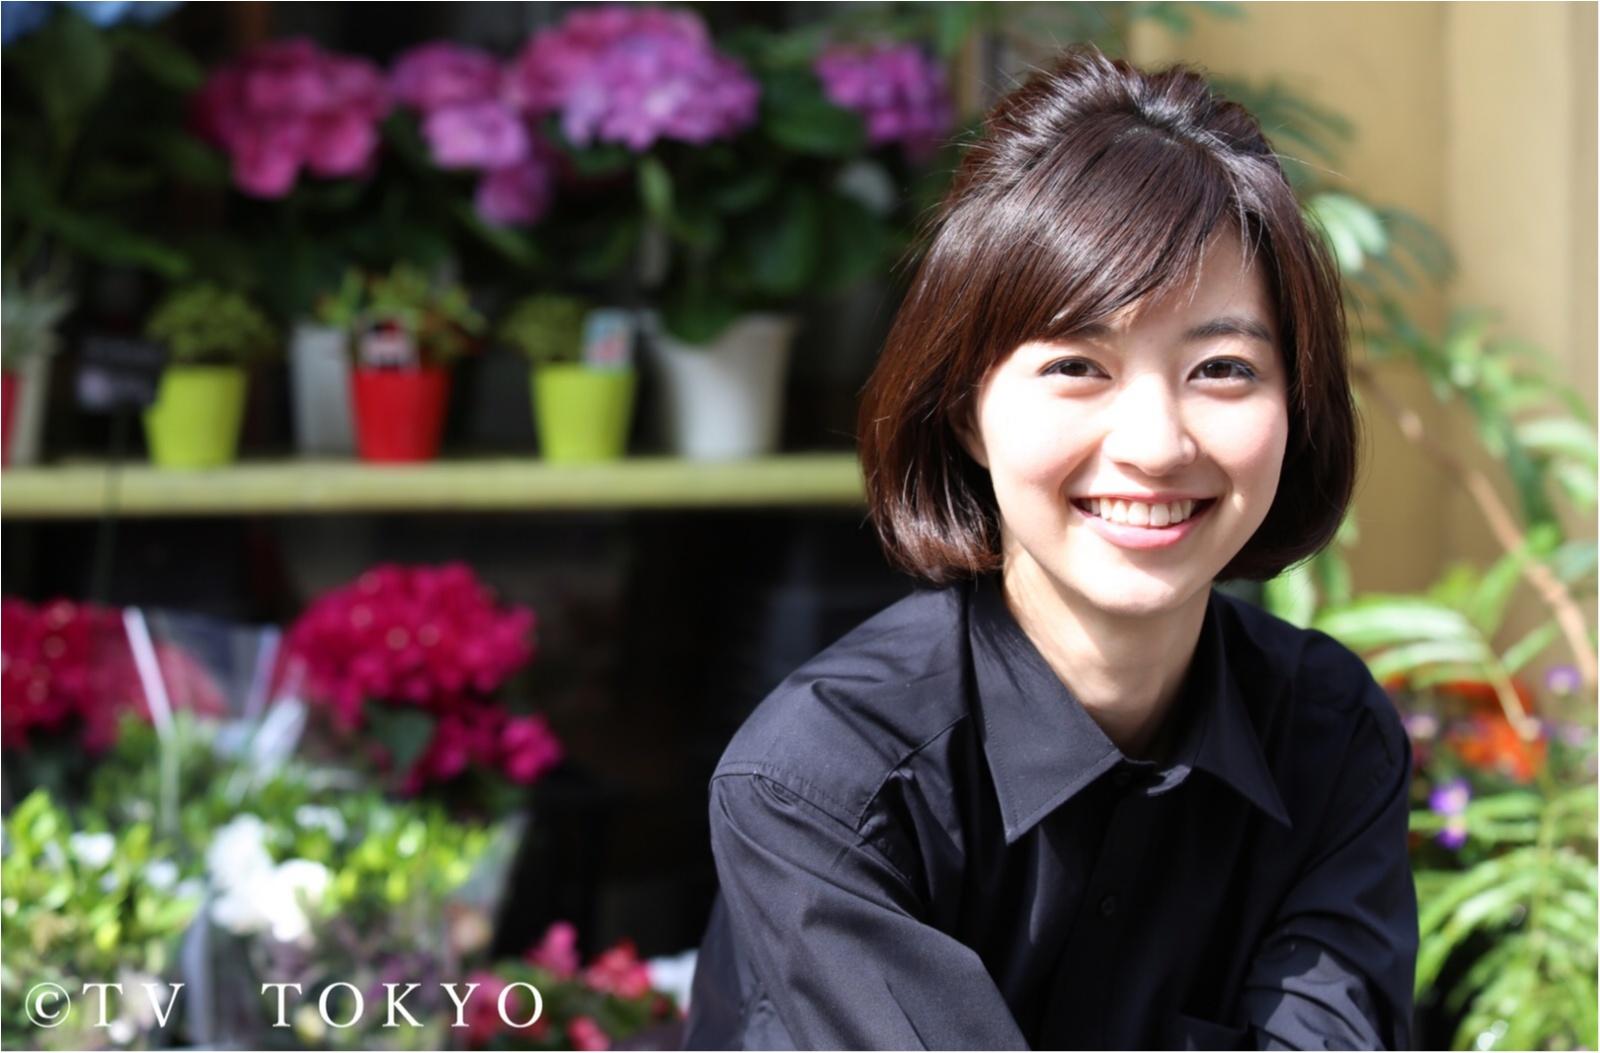 逢沢りなちゃん、『土曜ドラマ24「昼のセント酒」』に出演‼︎ 【テレビ出演情報】_1